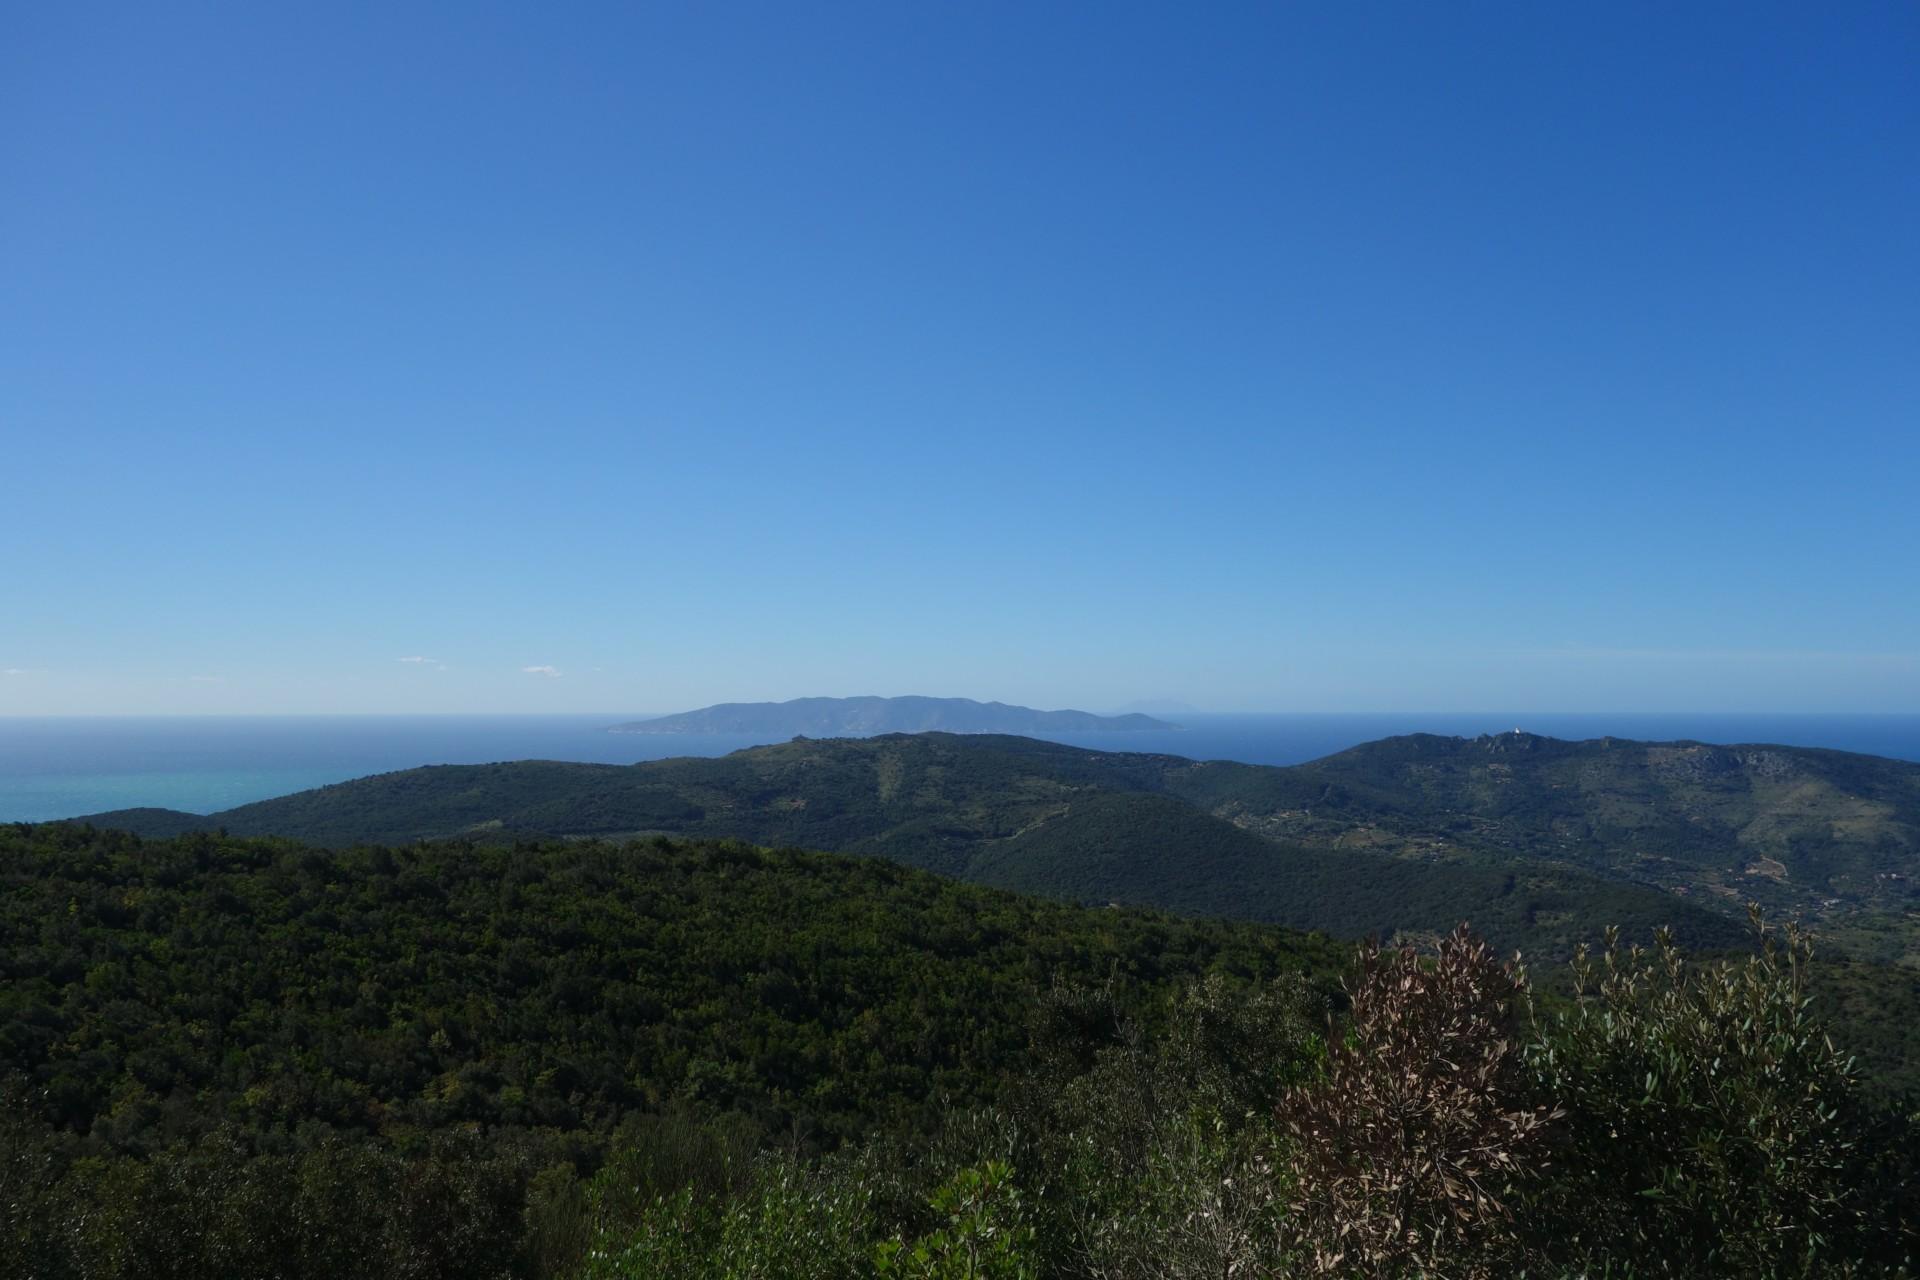 Blick über die Hügel aufs Meer